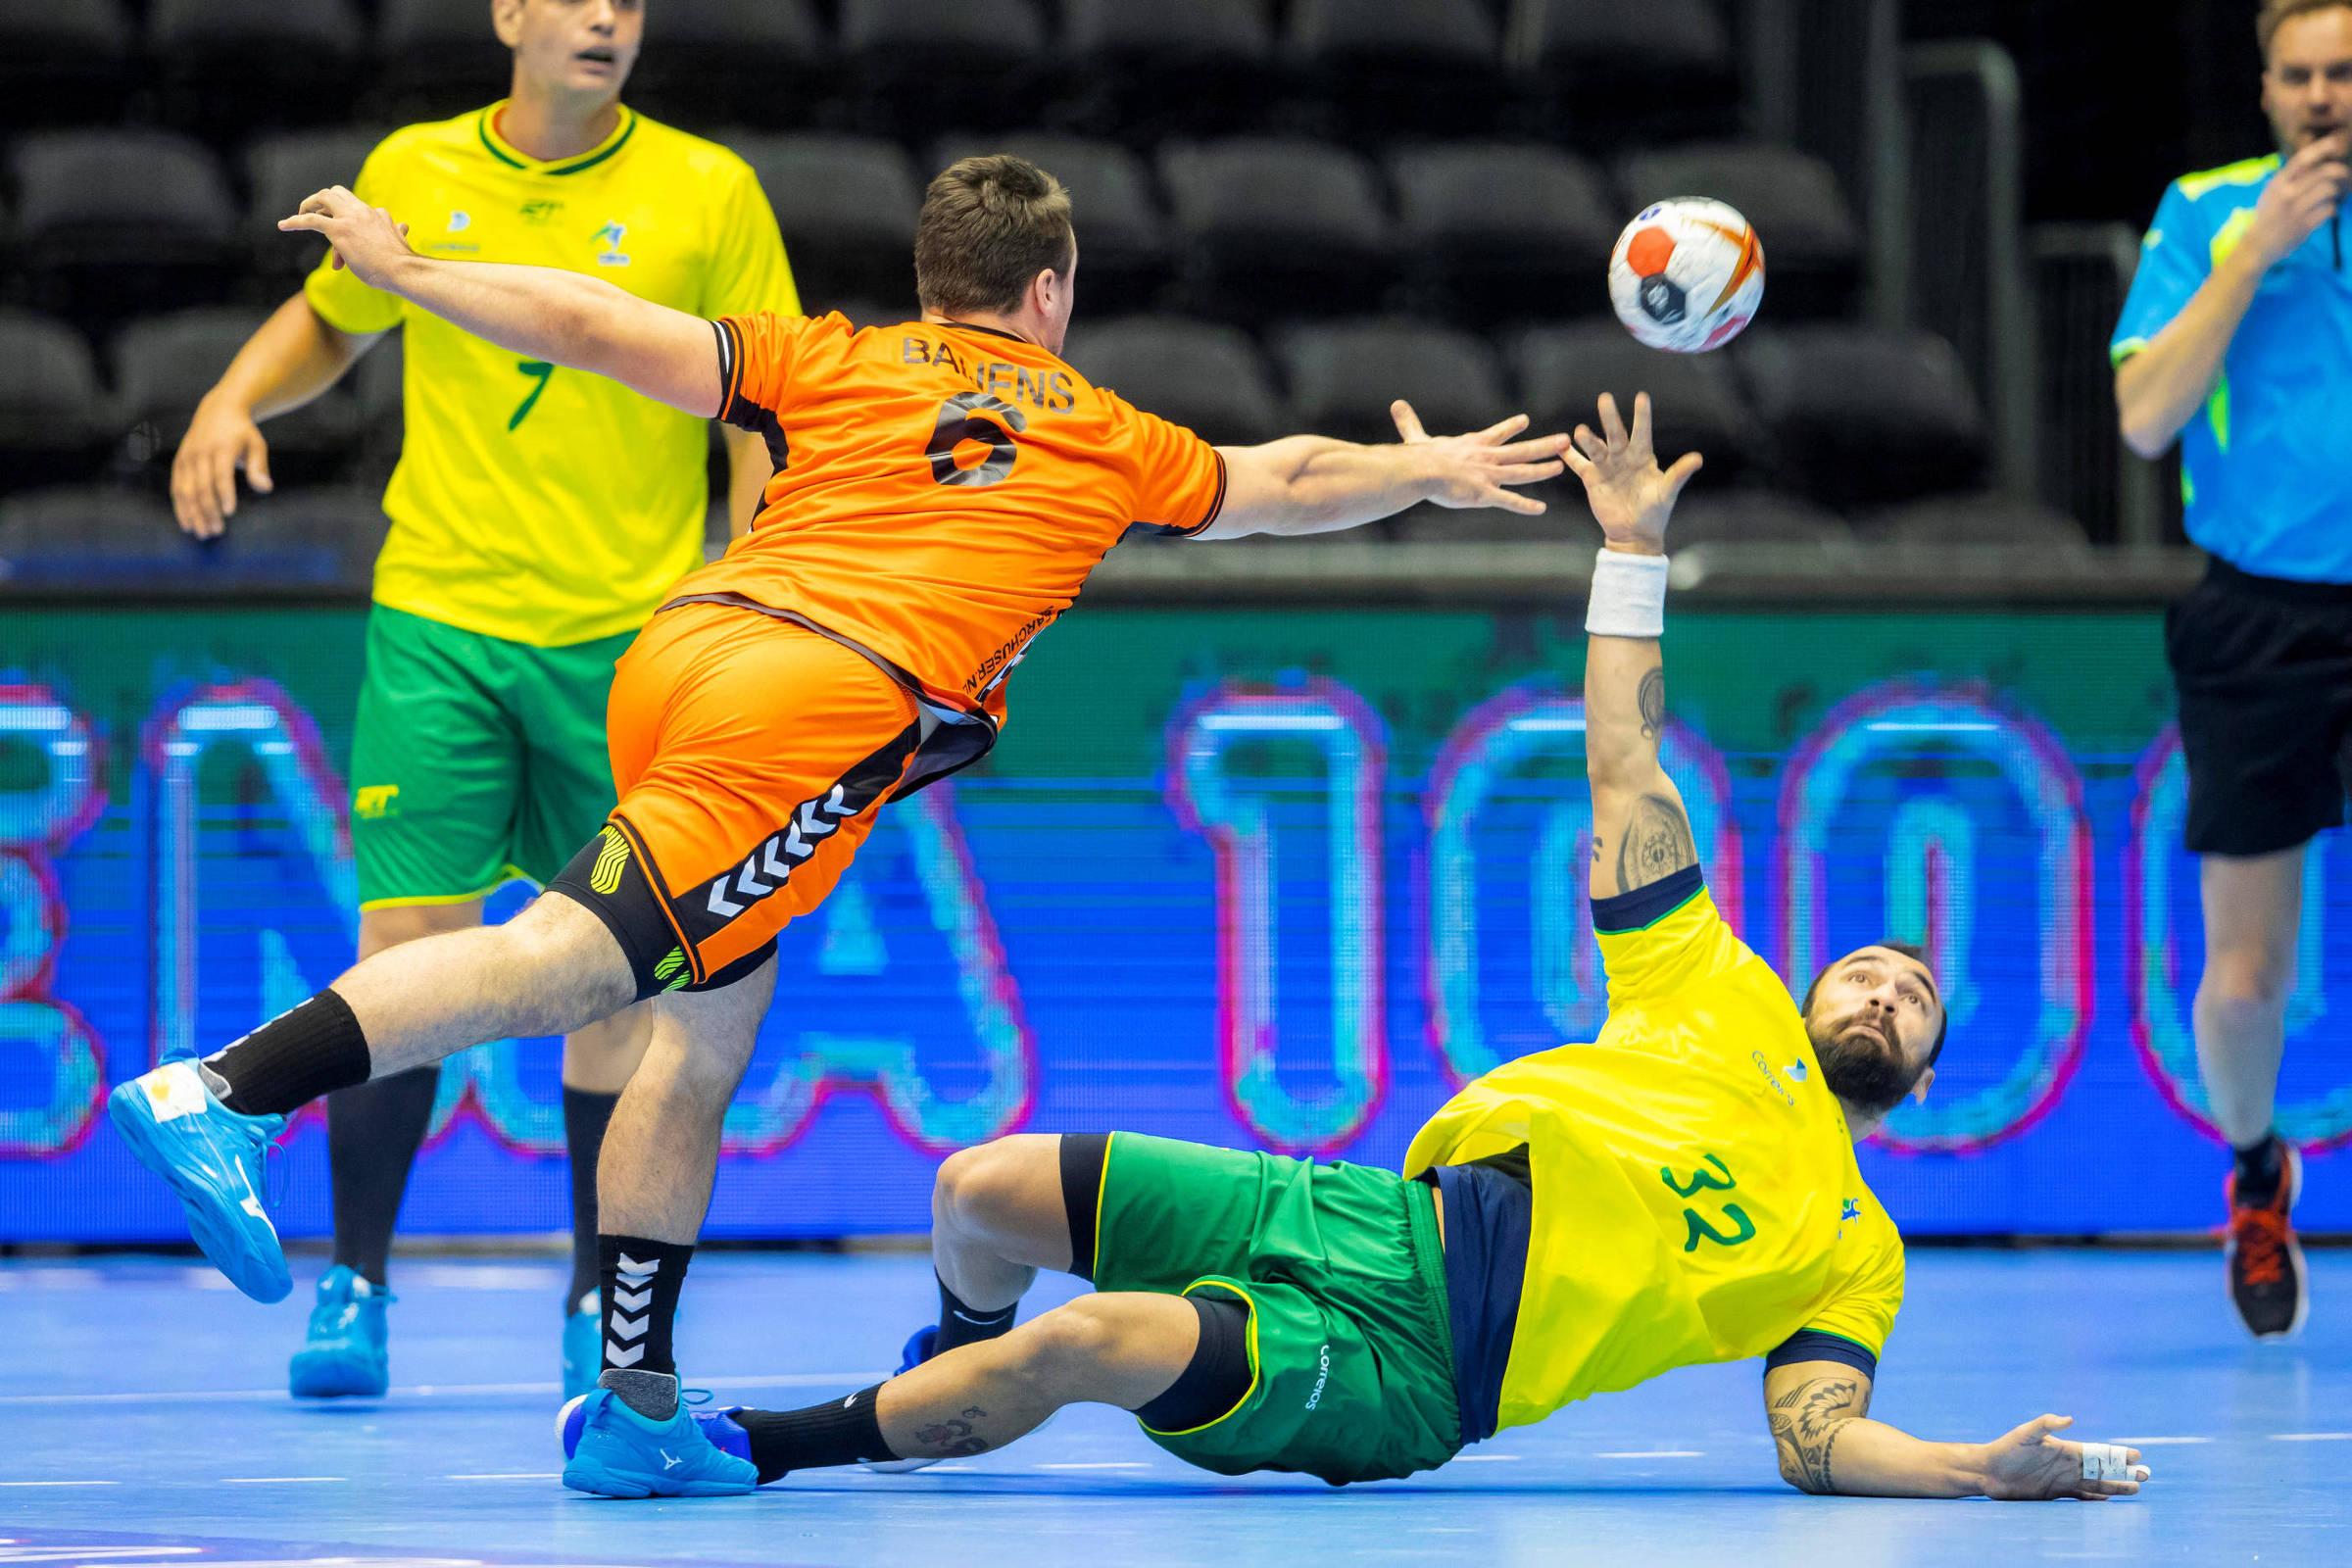 4f2e0473ac Handebol brasileiro busca sucesso no Mundial após ter sua imagem arranhada  - 10 01 2019 - Esporte - Folha